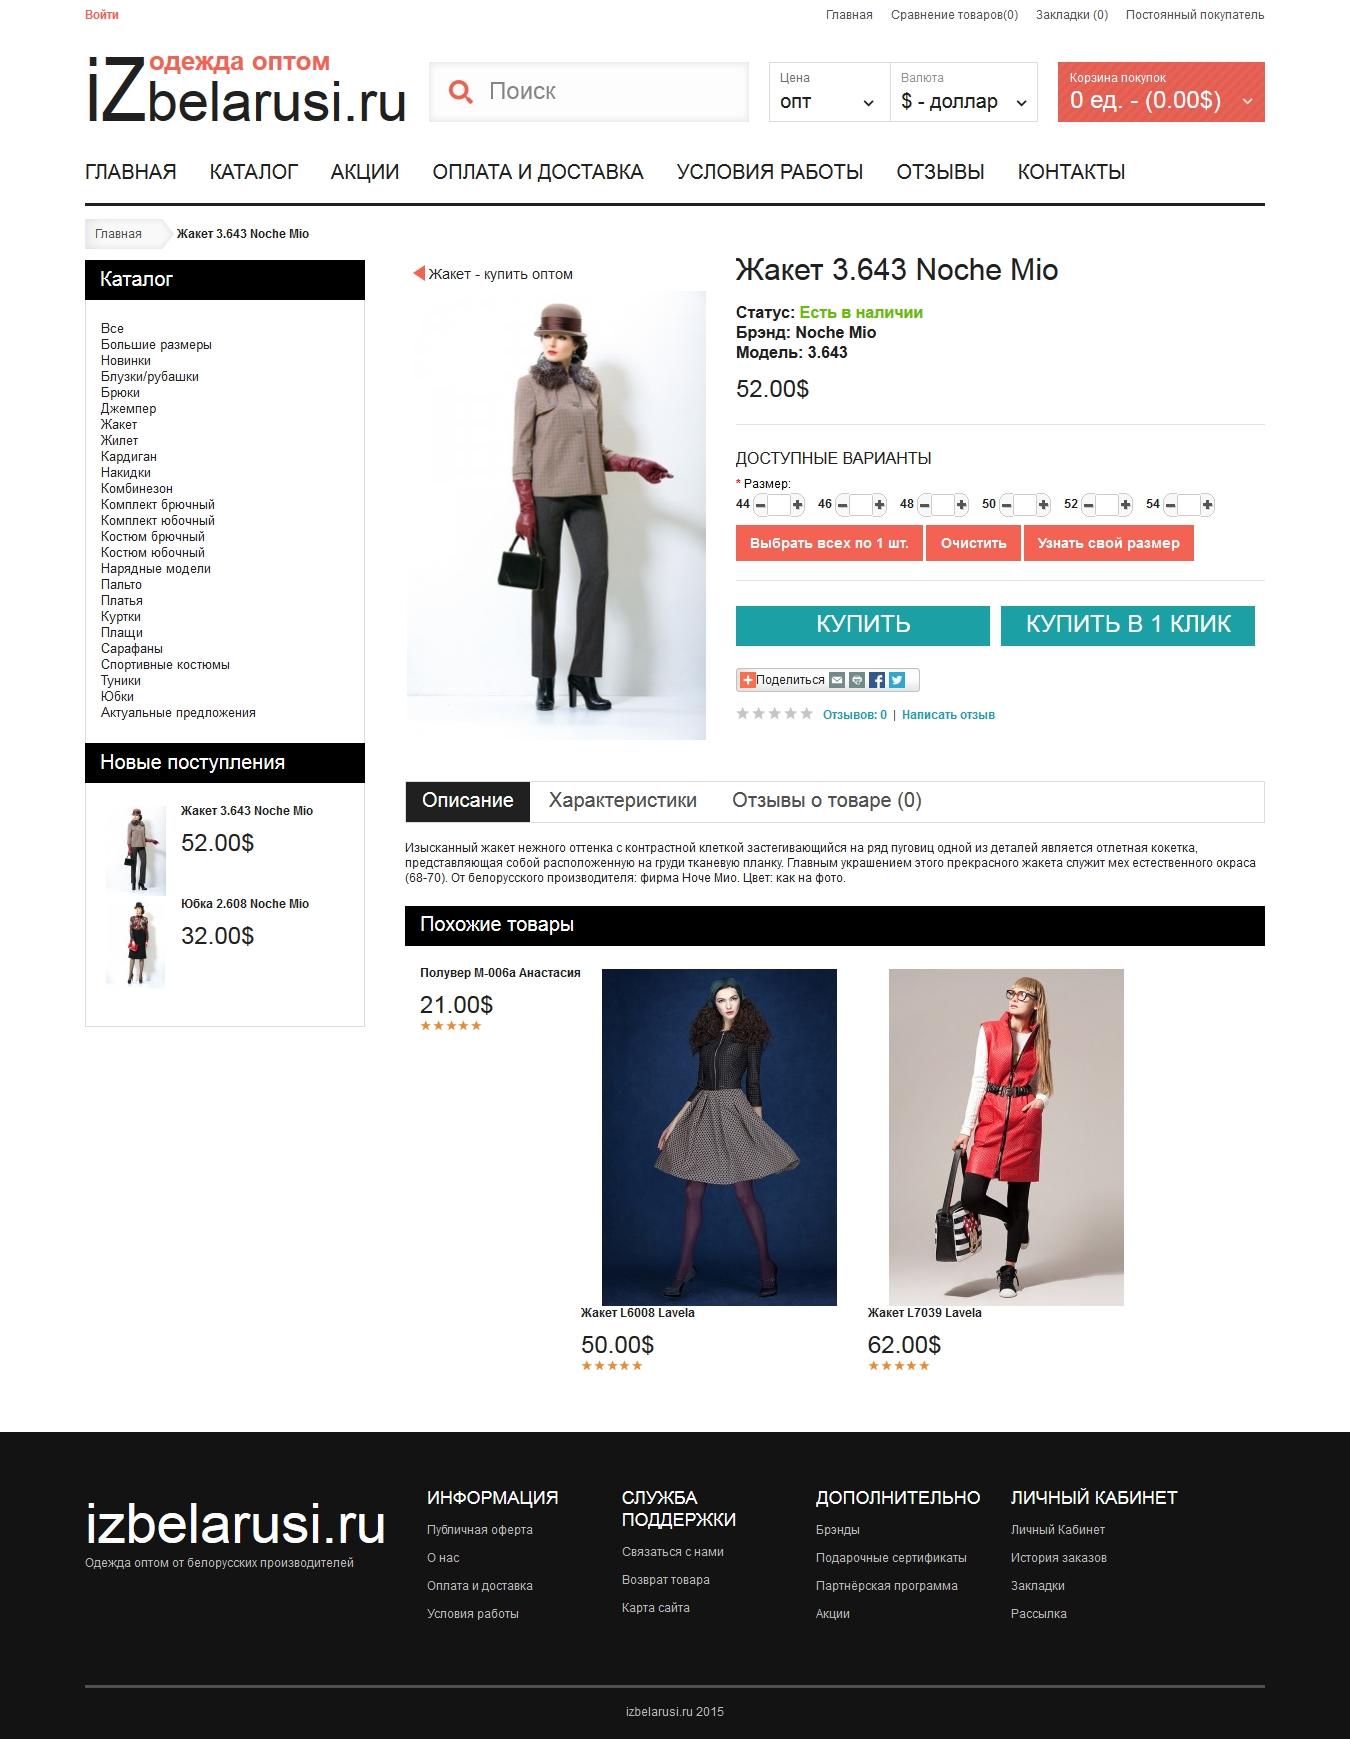 Создание интернет-магазина женской одежды из Беларуси izBelarusi.ru 80e917fd871